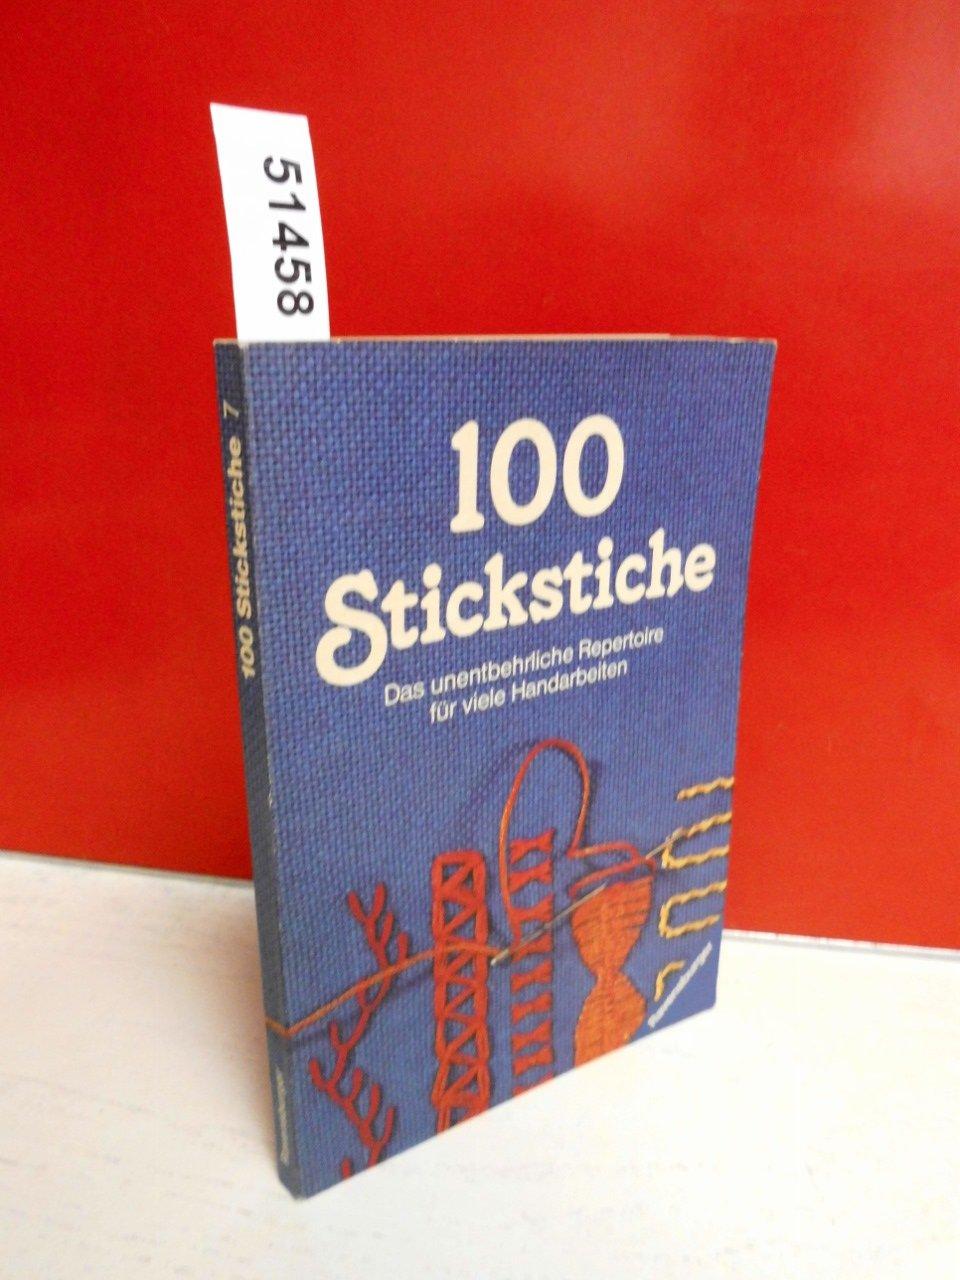 100 Stickstiche. Das unentbehrliche Repertoire für viele Handarbeiten